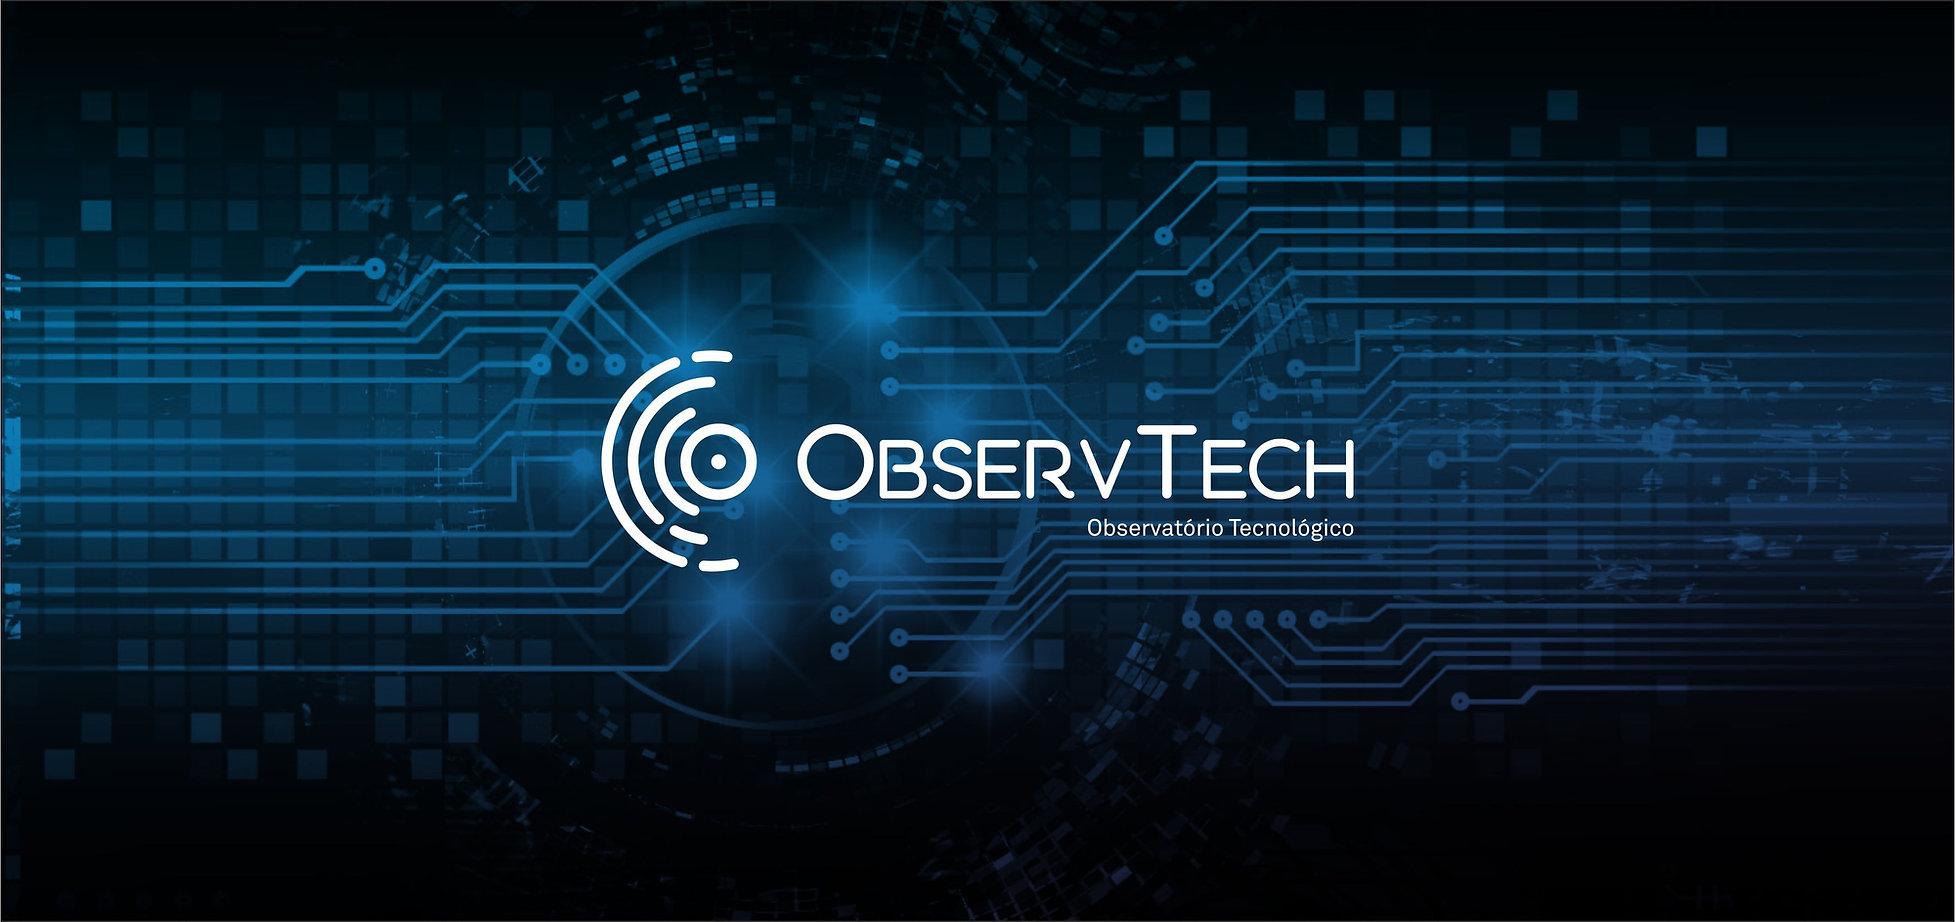 OBSERV_TECH.jpg